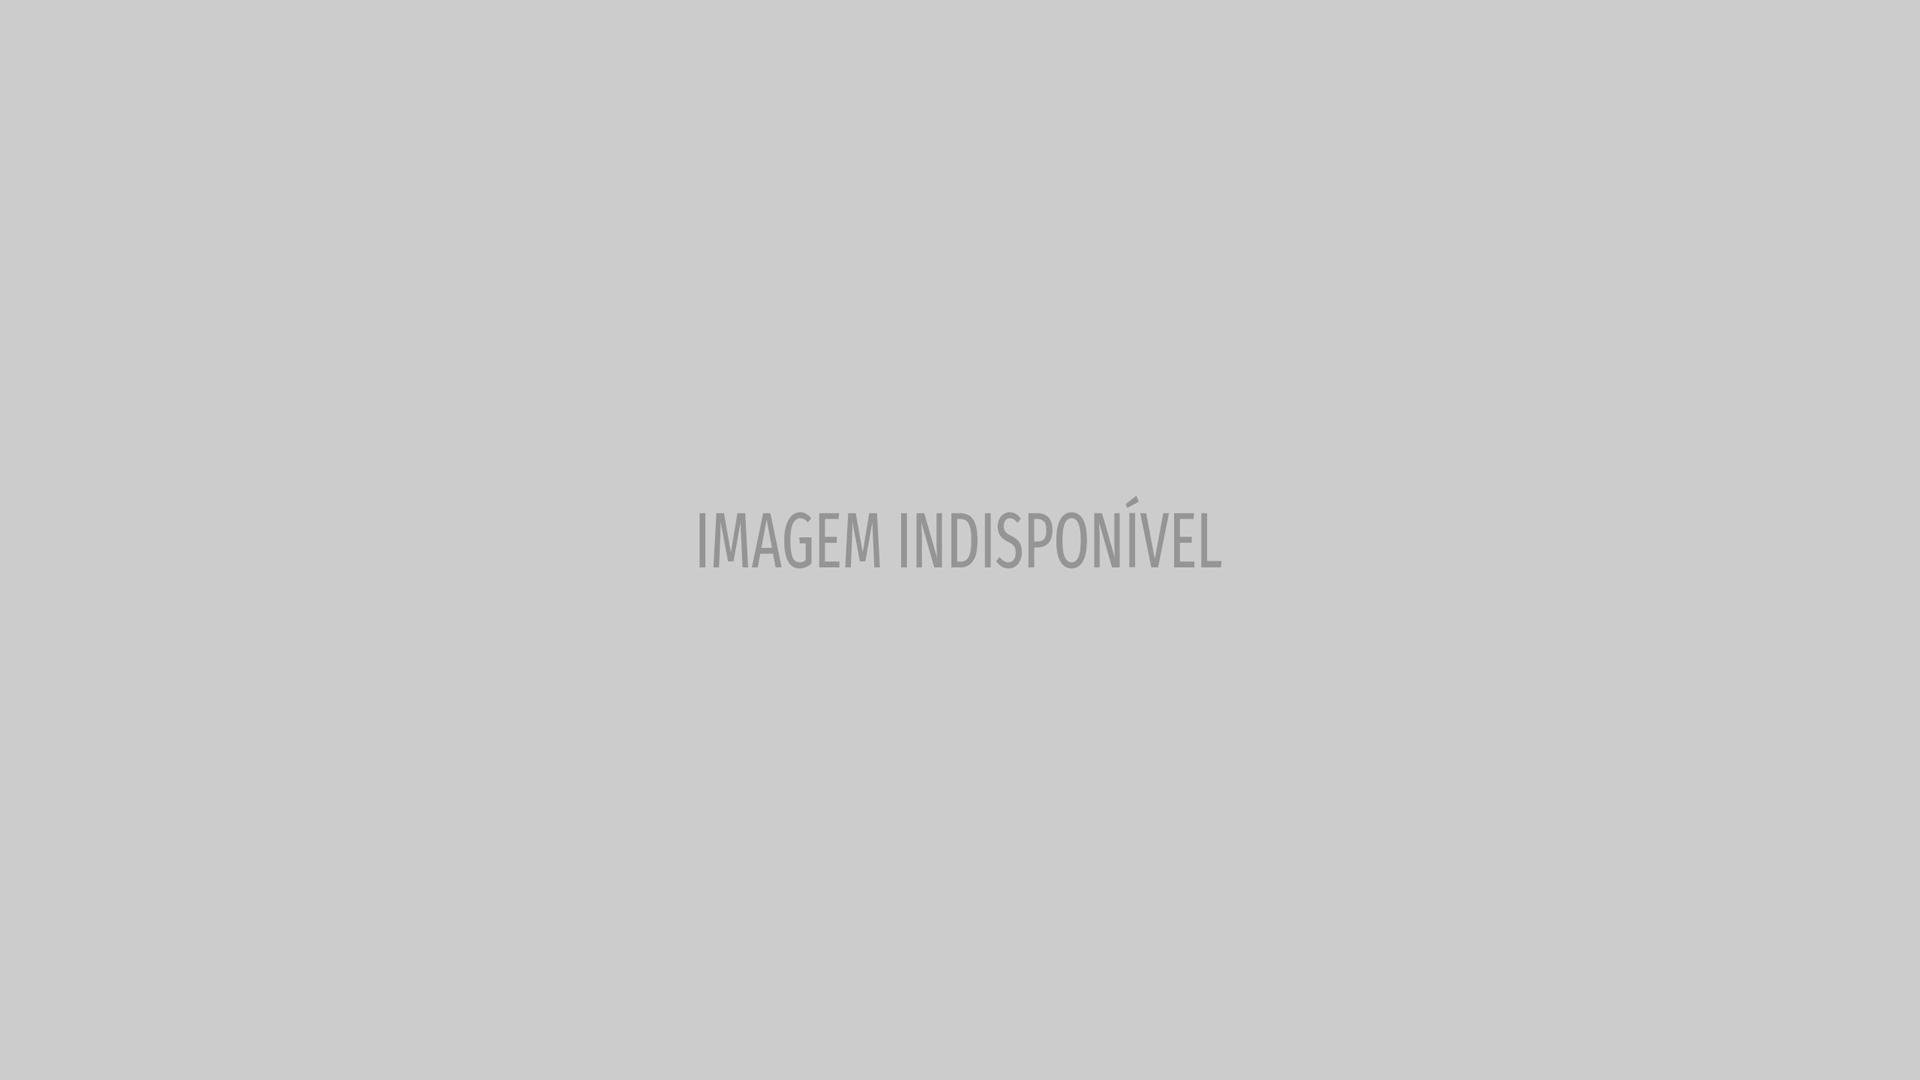 'Ela só fazia o bem', diz mãe de cantora de forró morta em acidente